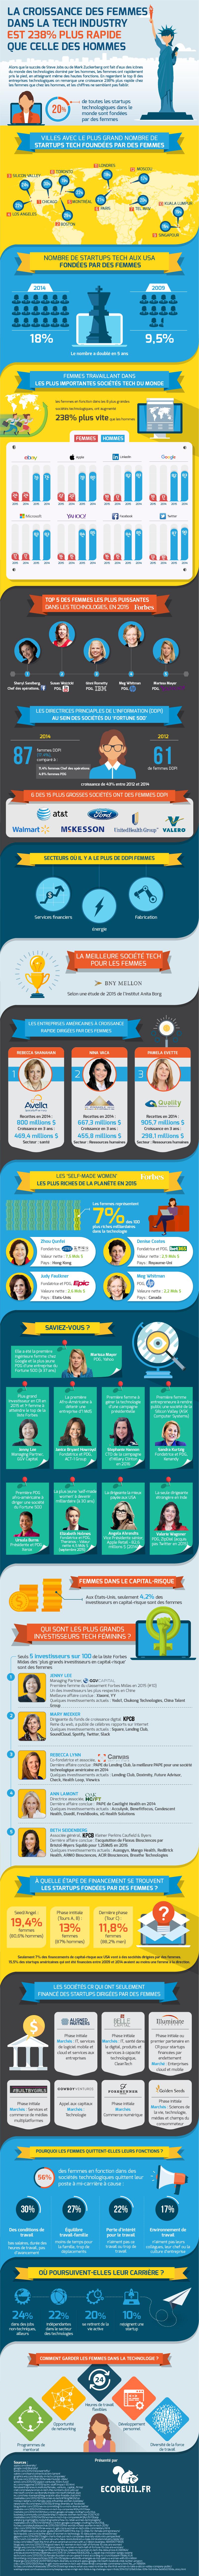 Les femmes dans les startups